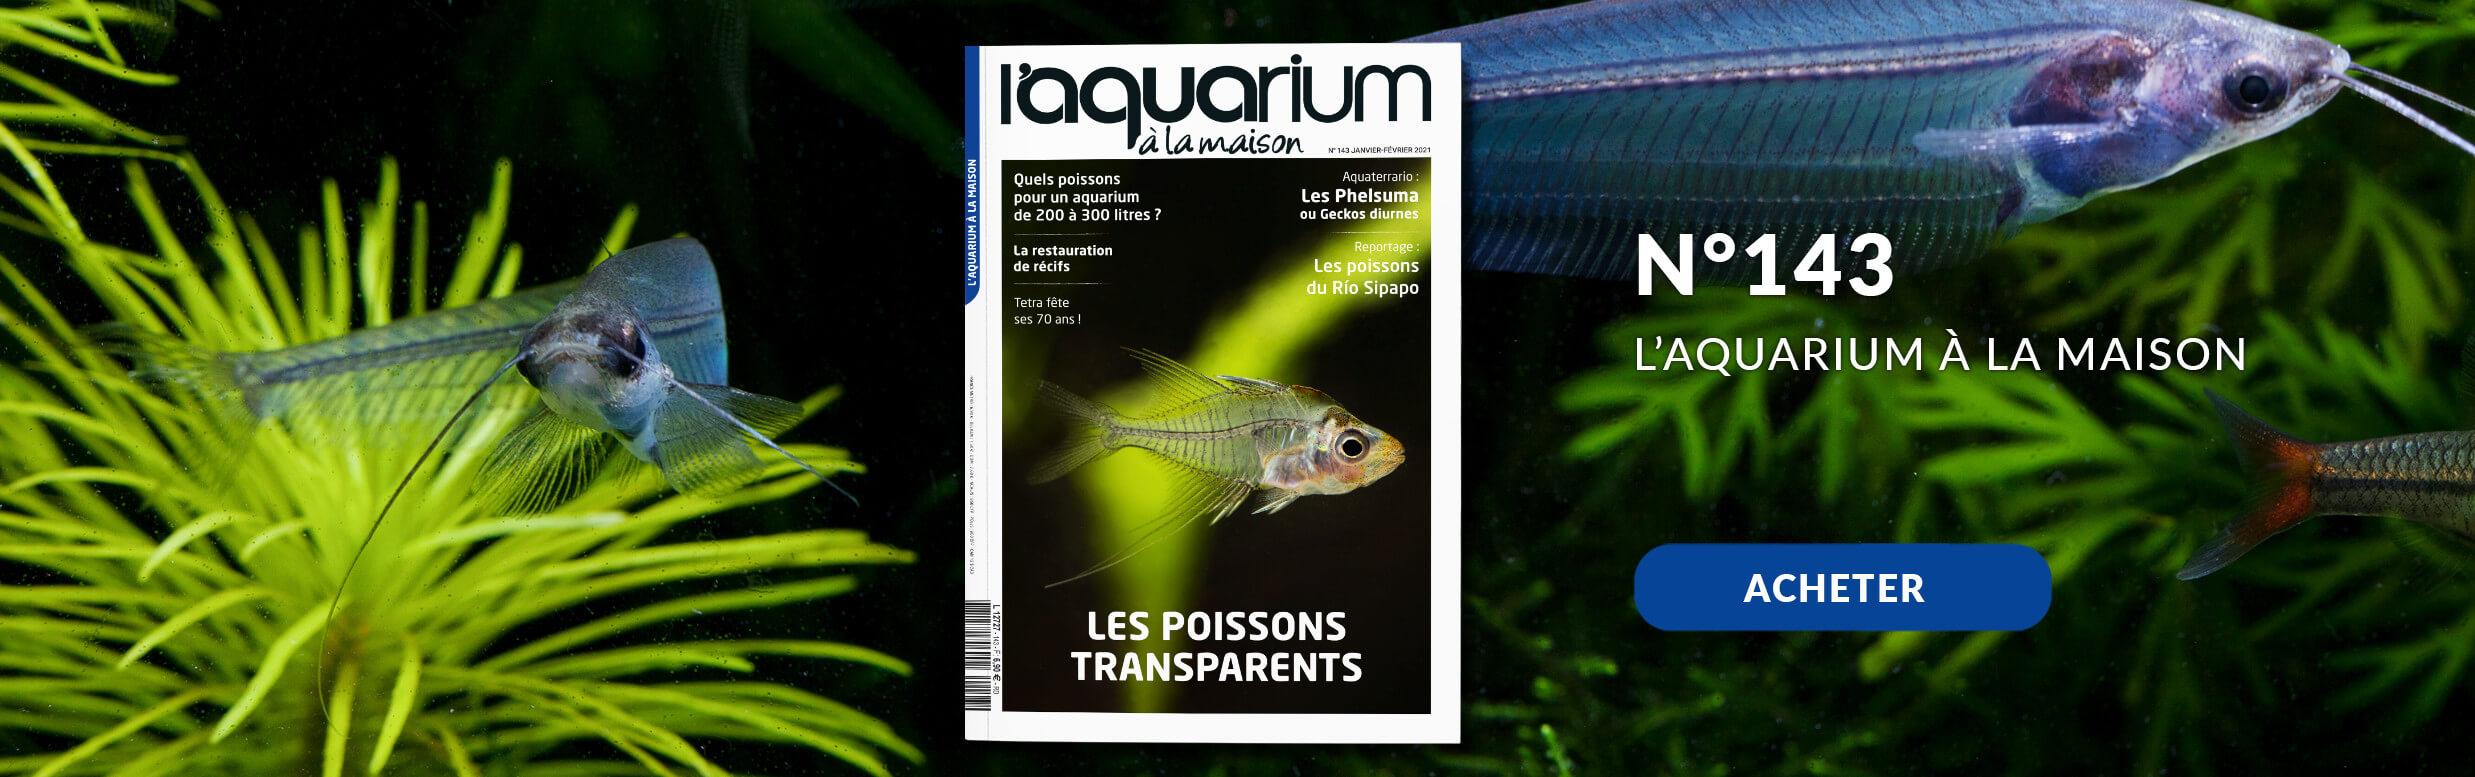 Découvrez la nouvelle formule de l'aquarium à la maison avec le nmr 143